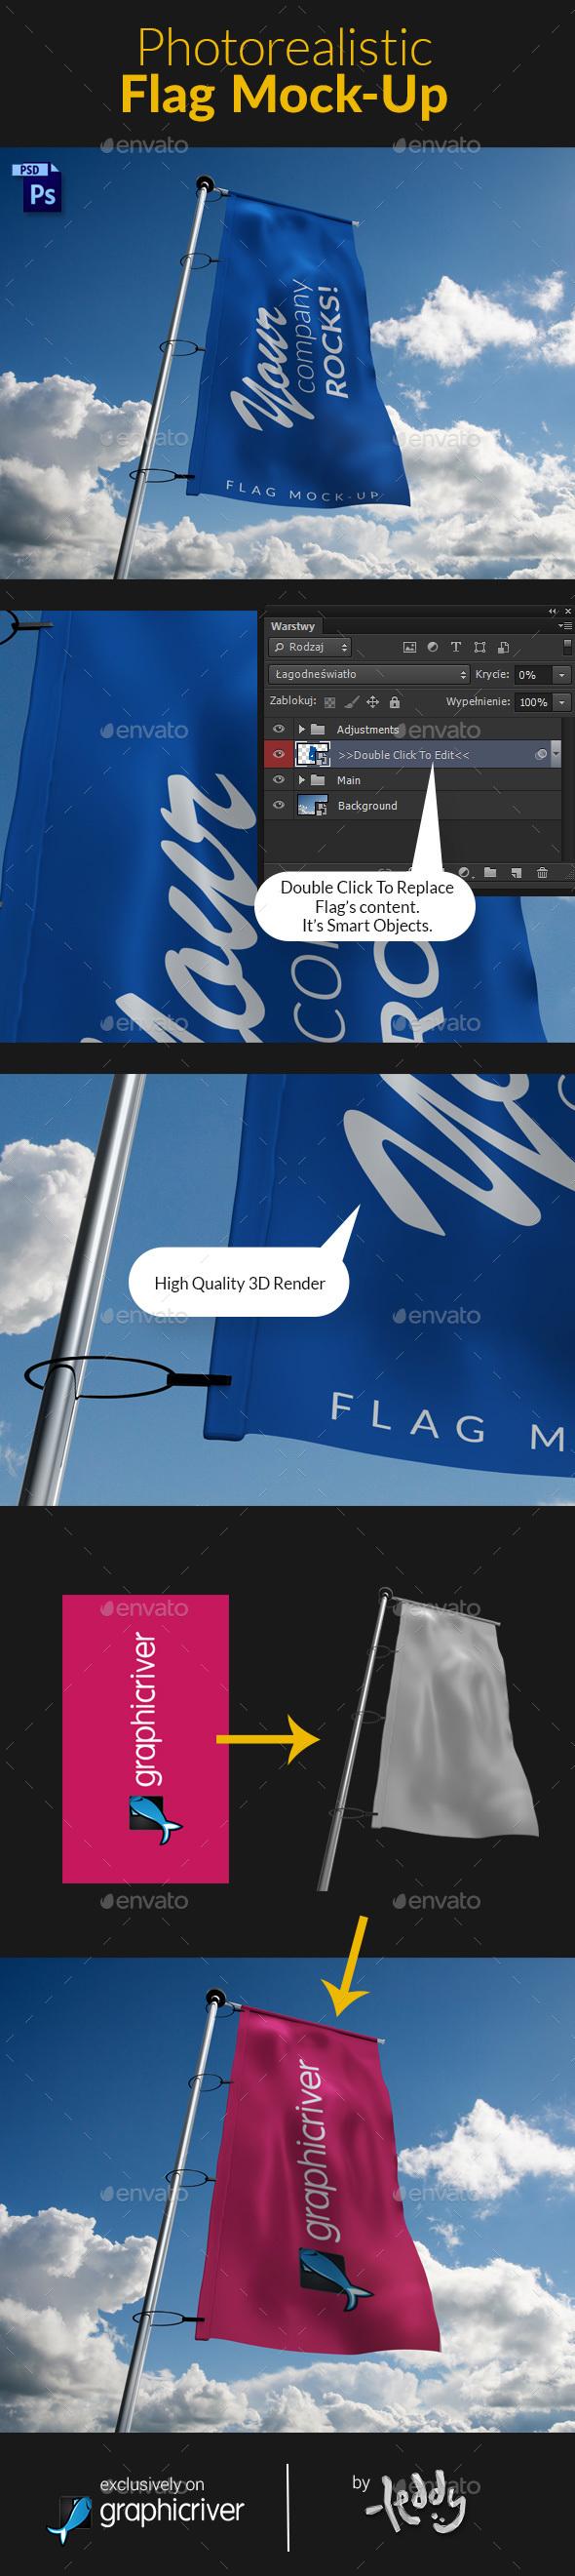 Photorealistic Flag MockUp - Signage Print